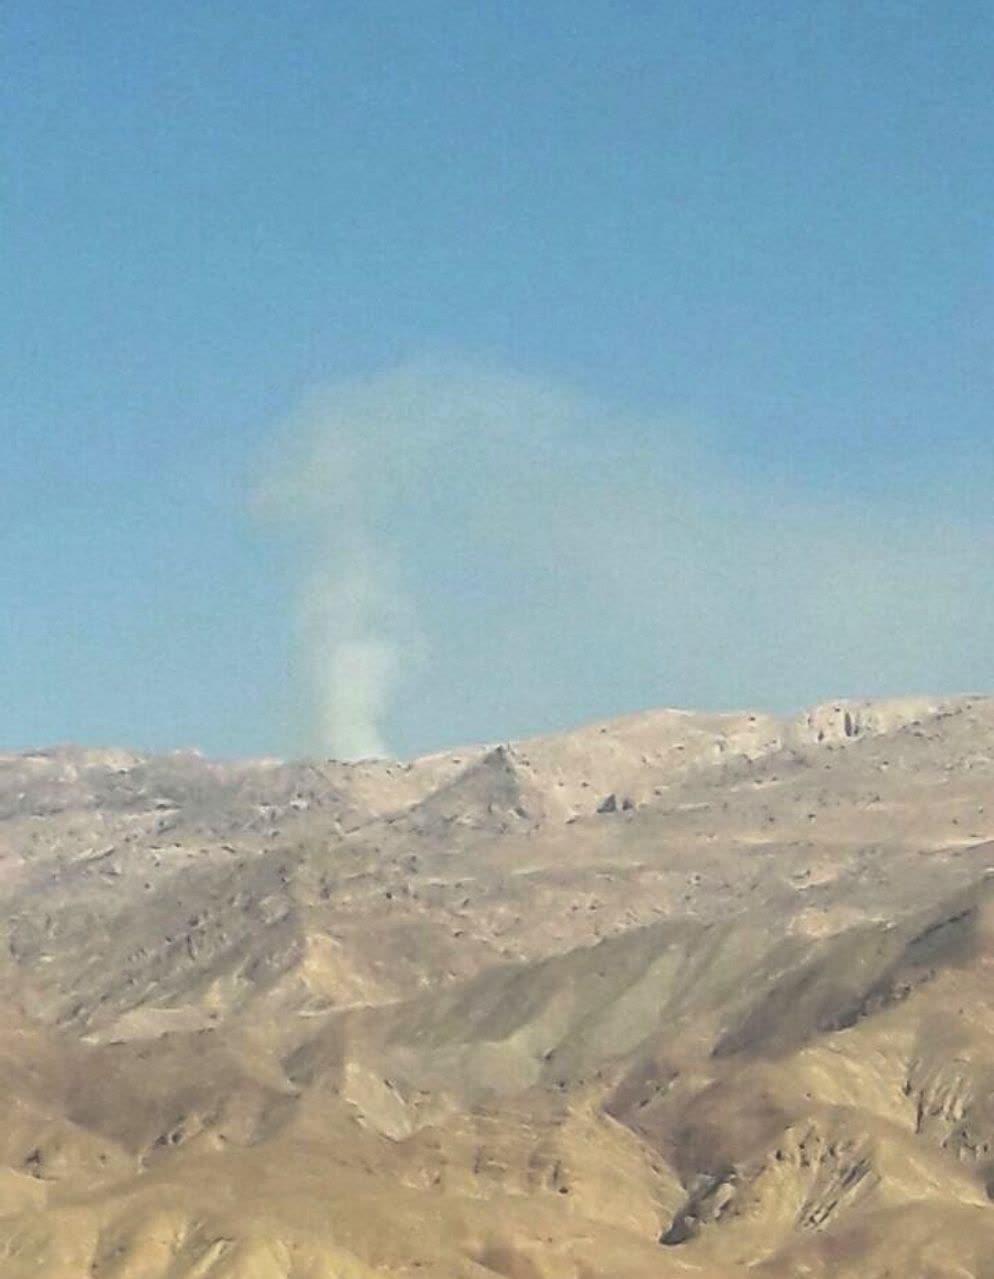 پارک ملی ساریگل اسفراین در خراسان شمالی آتش گرفت